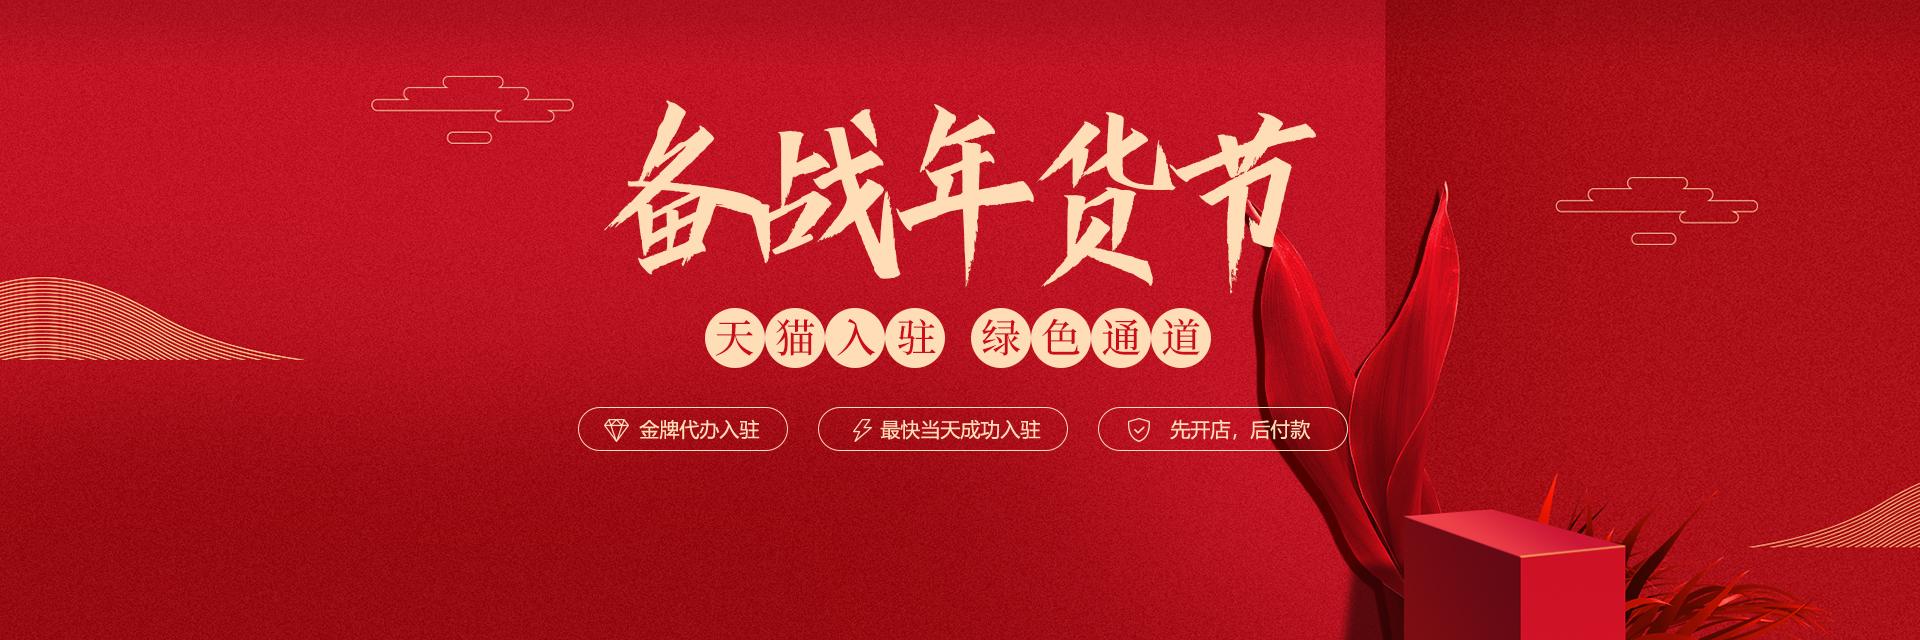 天猫旗舰店的尚策提供了天猫入驻营销策划